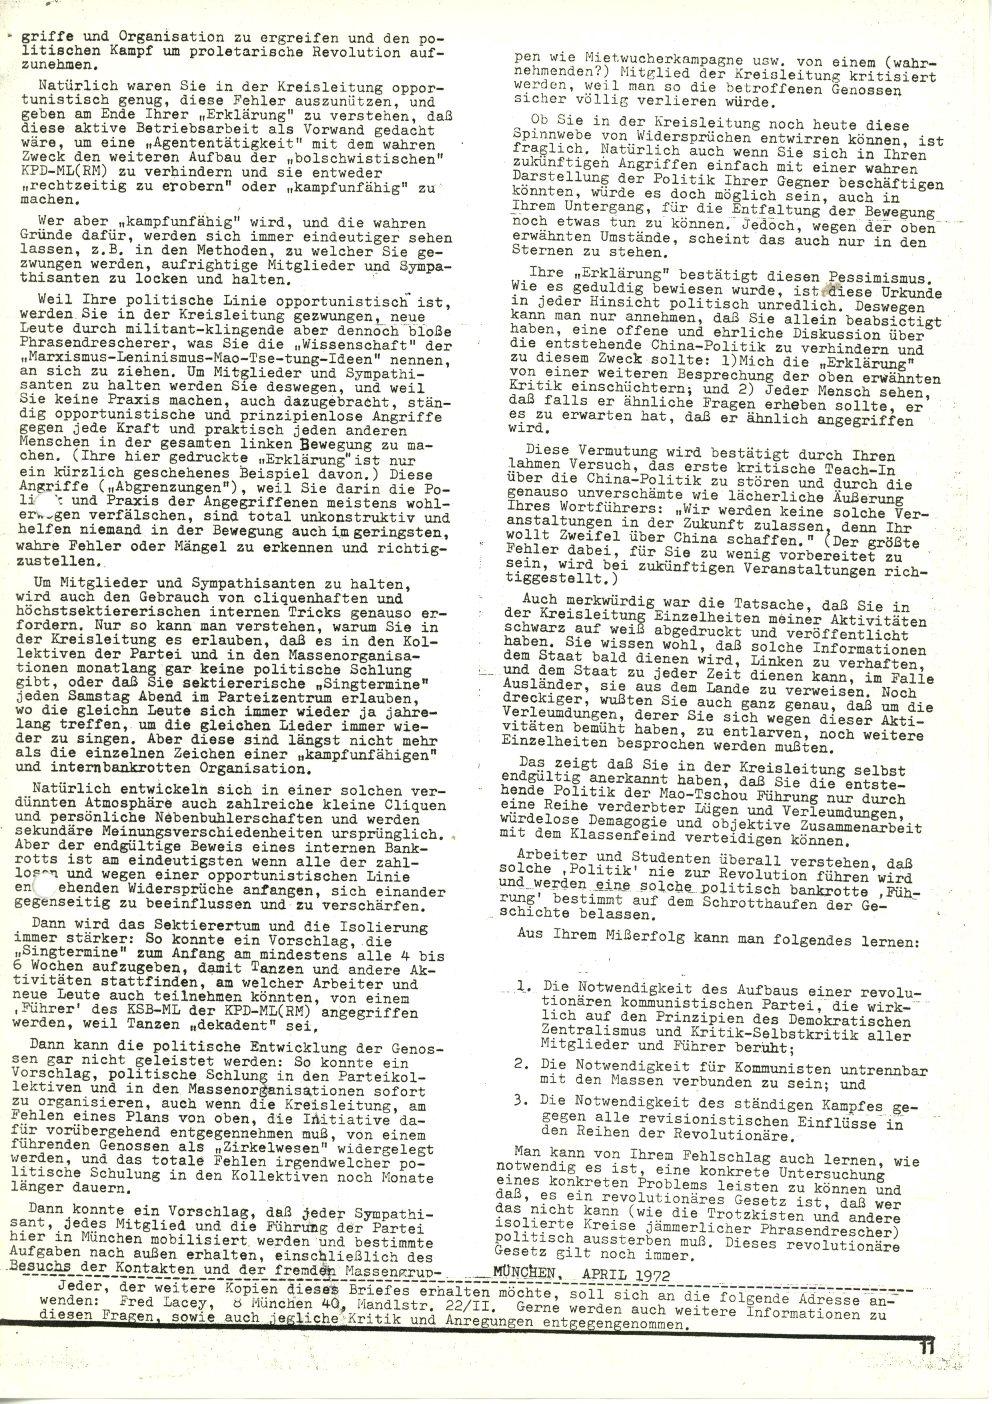 Muenchen_1972_Offener_Brief_an_die_KPDML_11